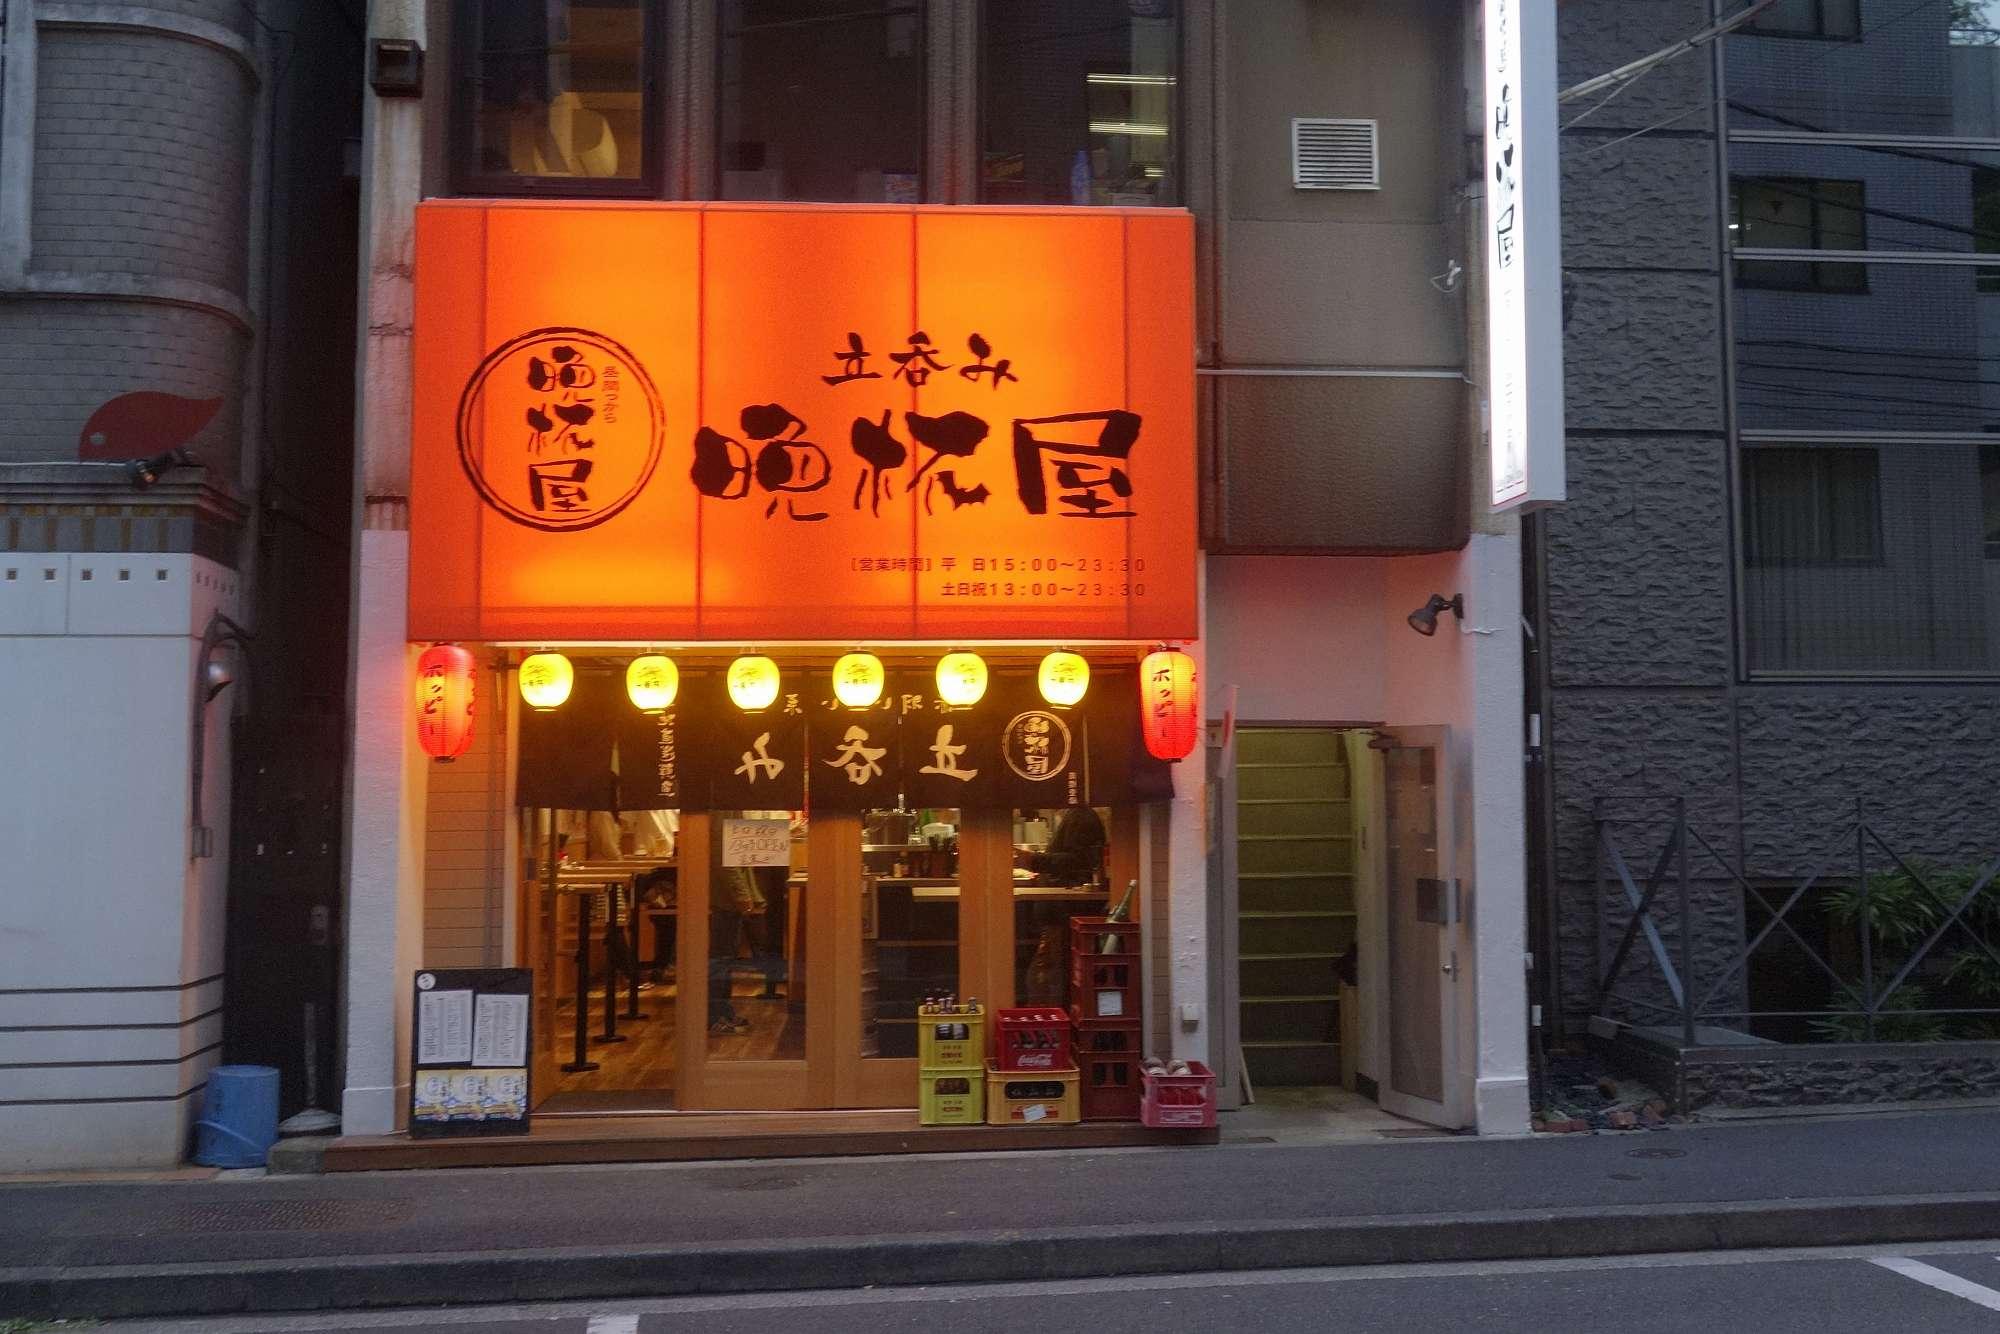 晩杯屋 水道橋店